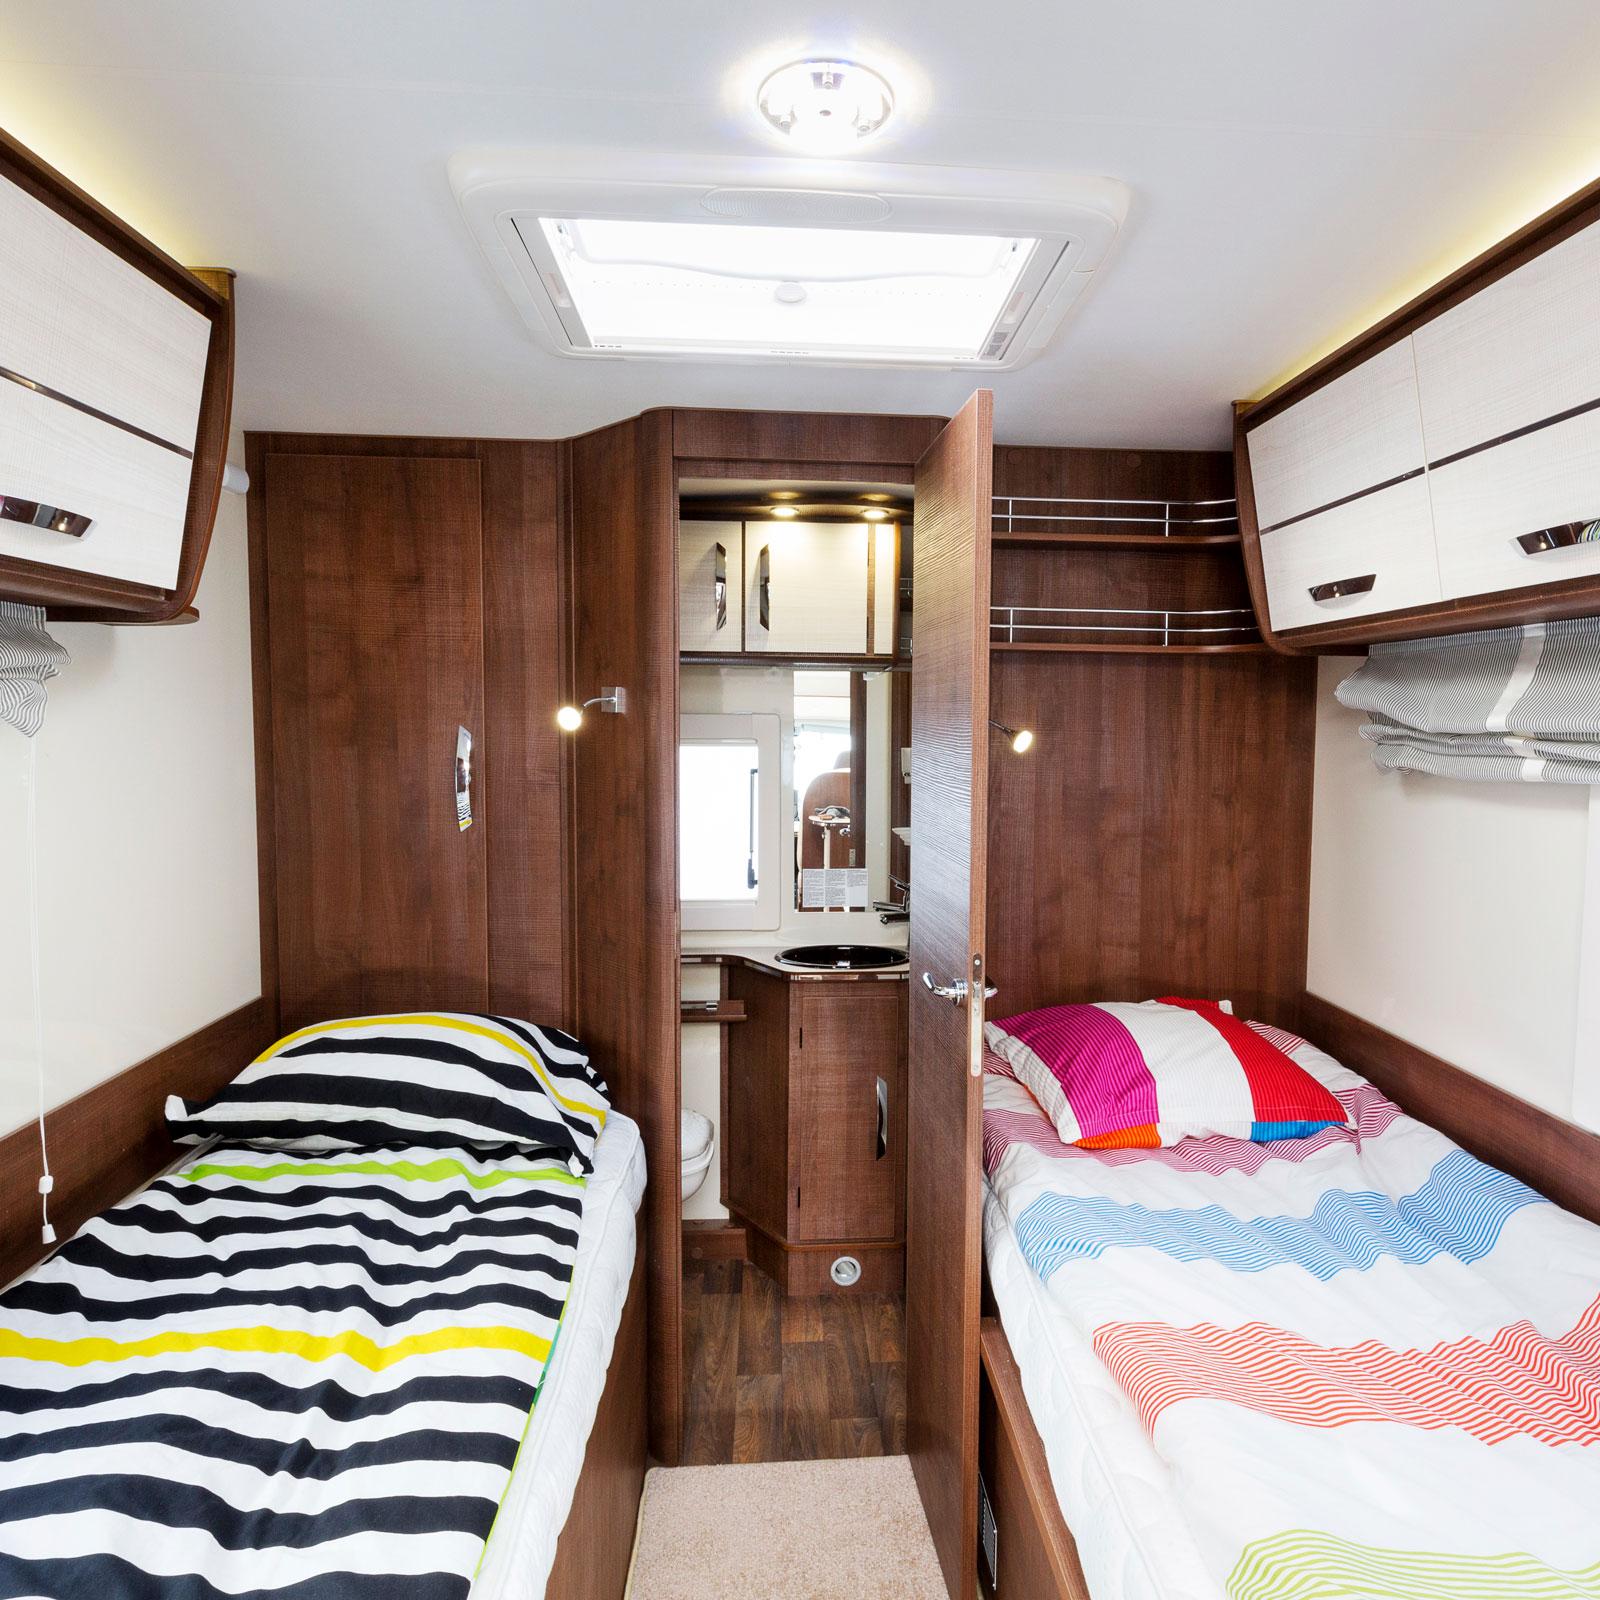 Låga sängar är okomplicerade att använda och bädda. Att ha toaletten placerad längst bak ger en mer öppen planlösning.